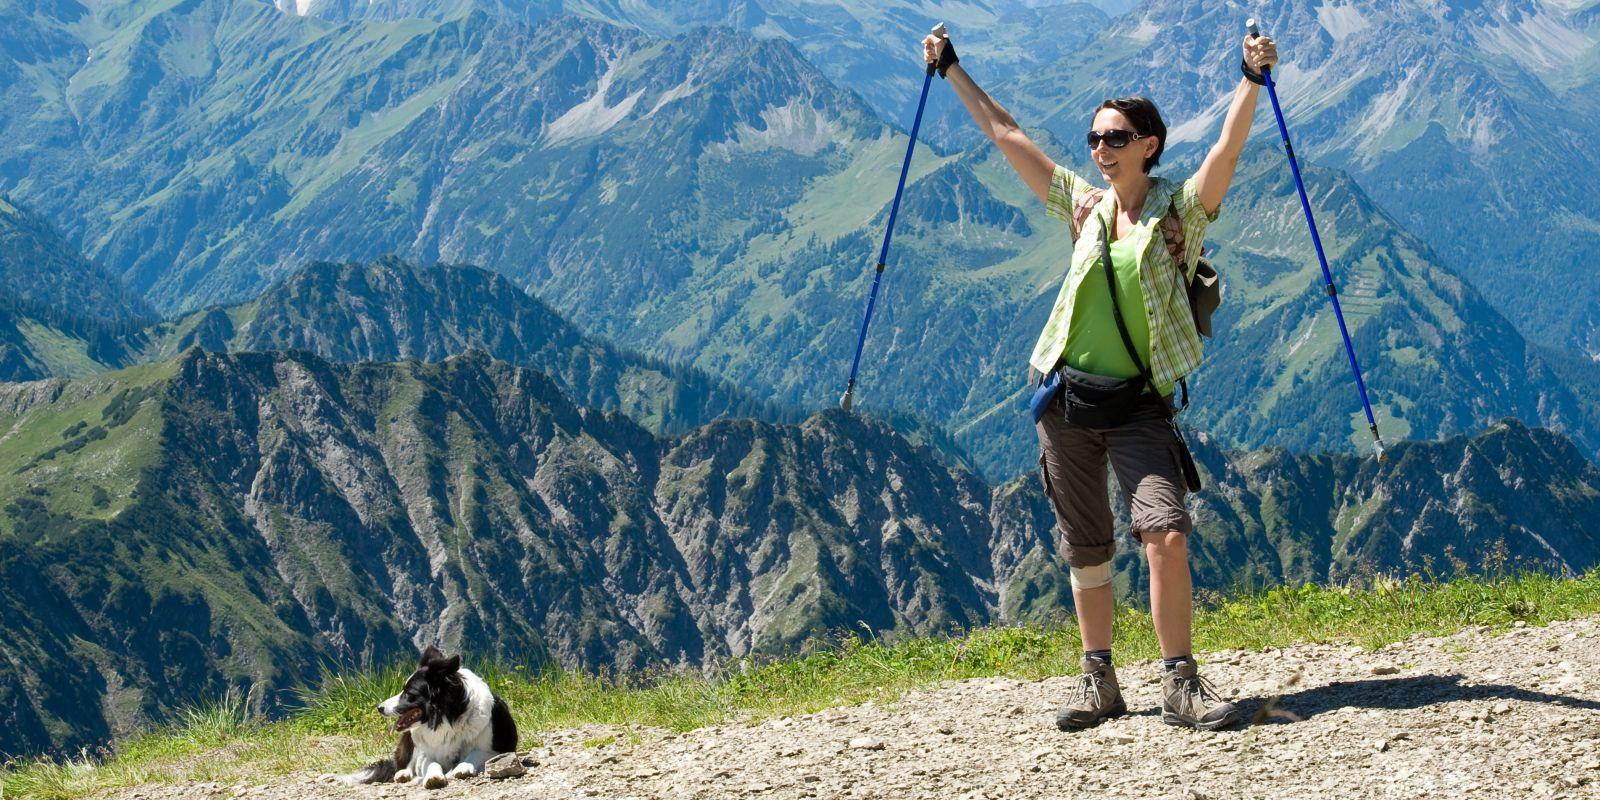 Nachhaltige Auszeit in Österreich: Sanft dem Alltagsstress entfliehen